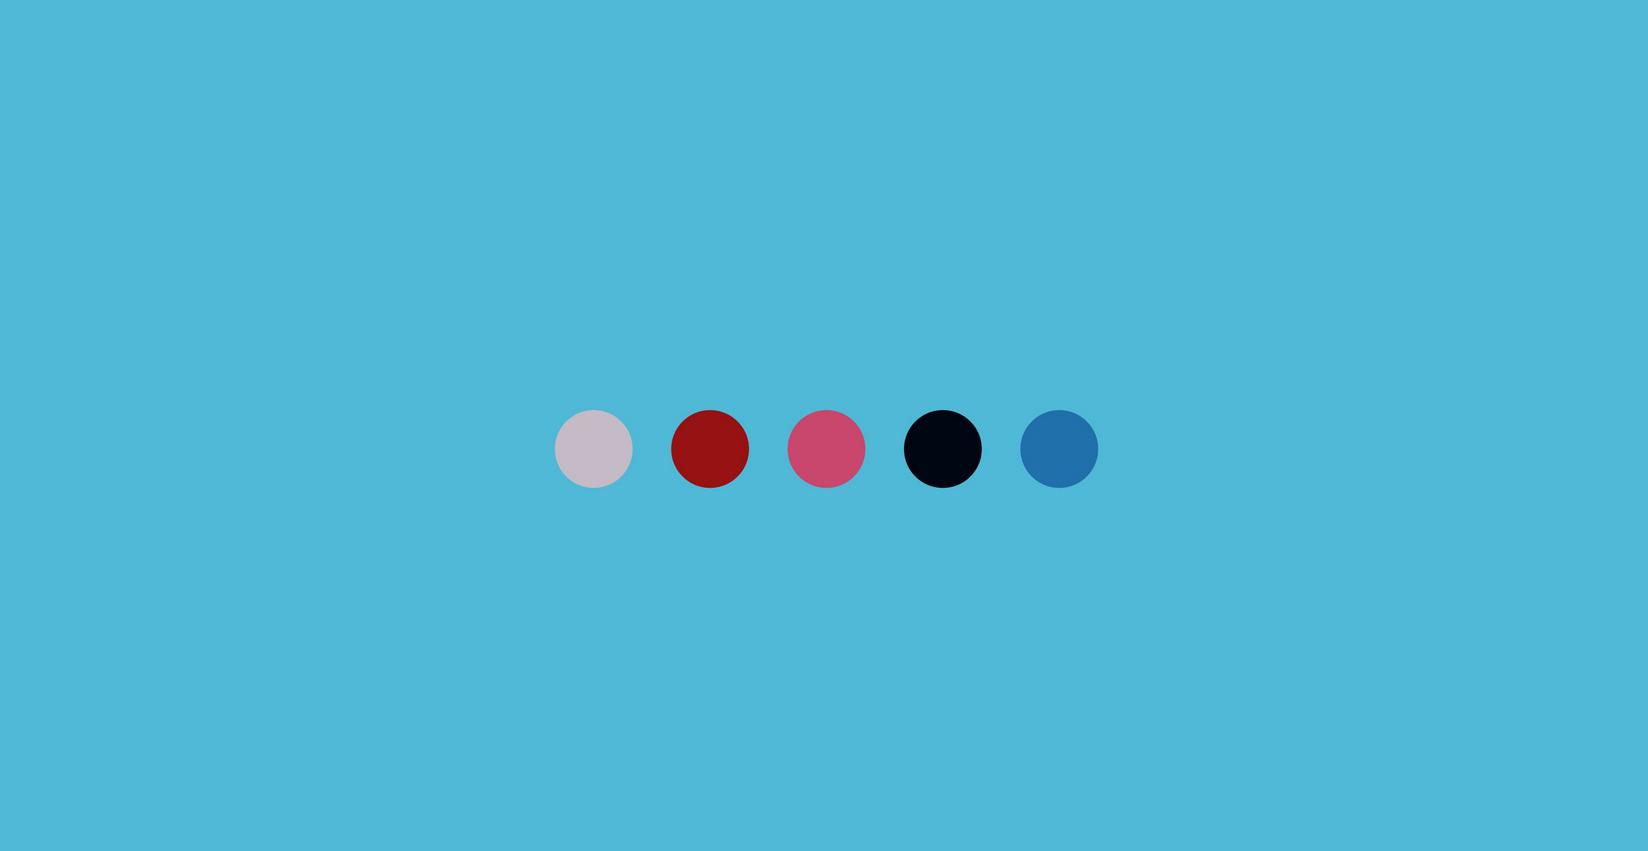 酷站两连发!在线配色神器+英文字体推荐网站